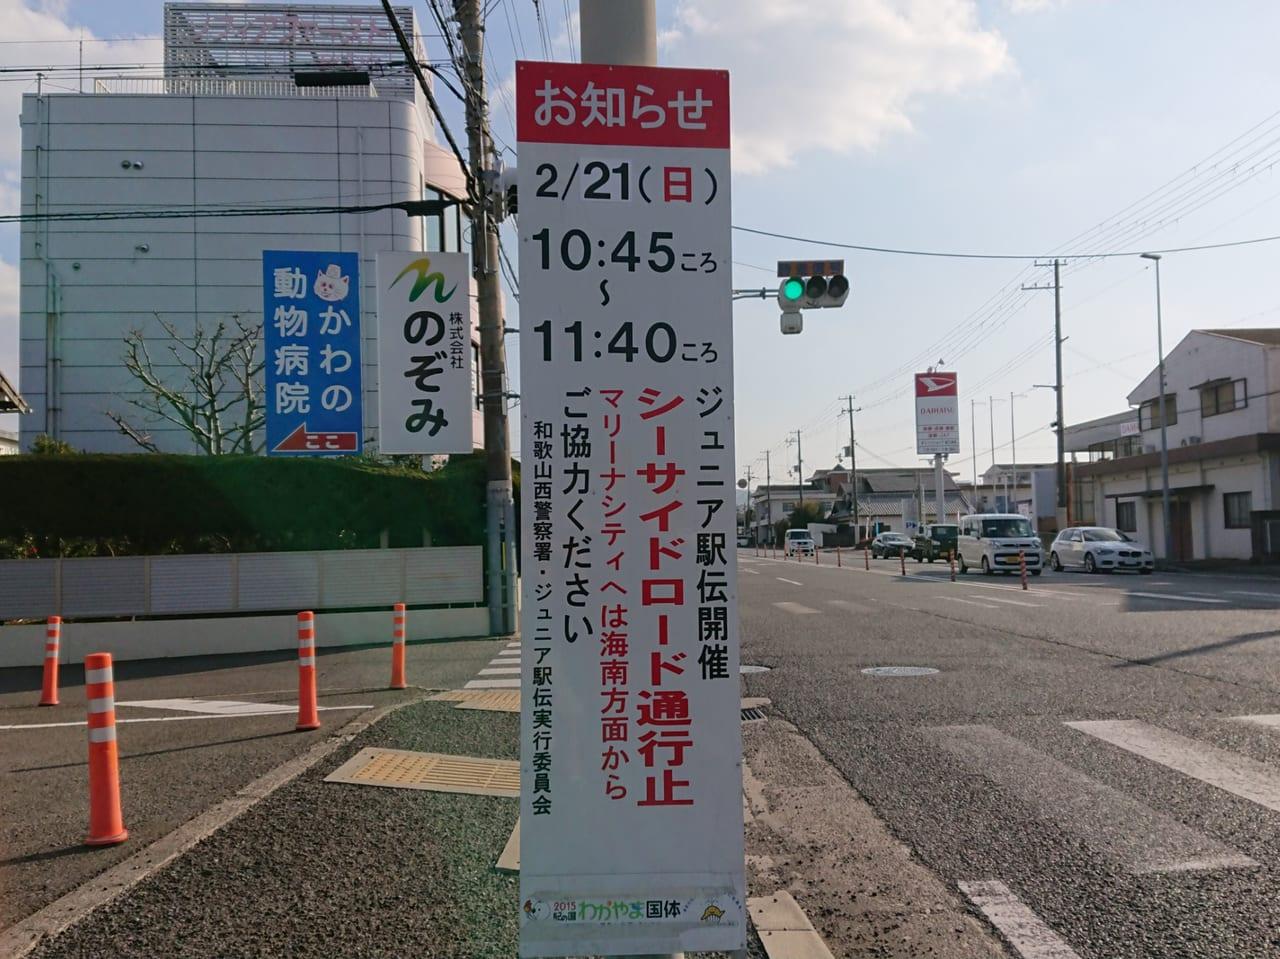 駅伝 和歌山 ジュニア